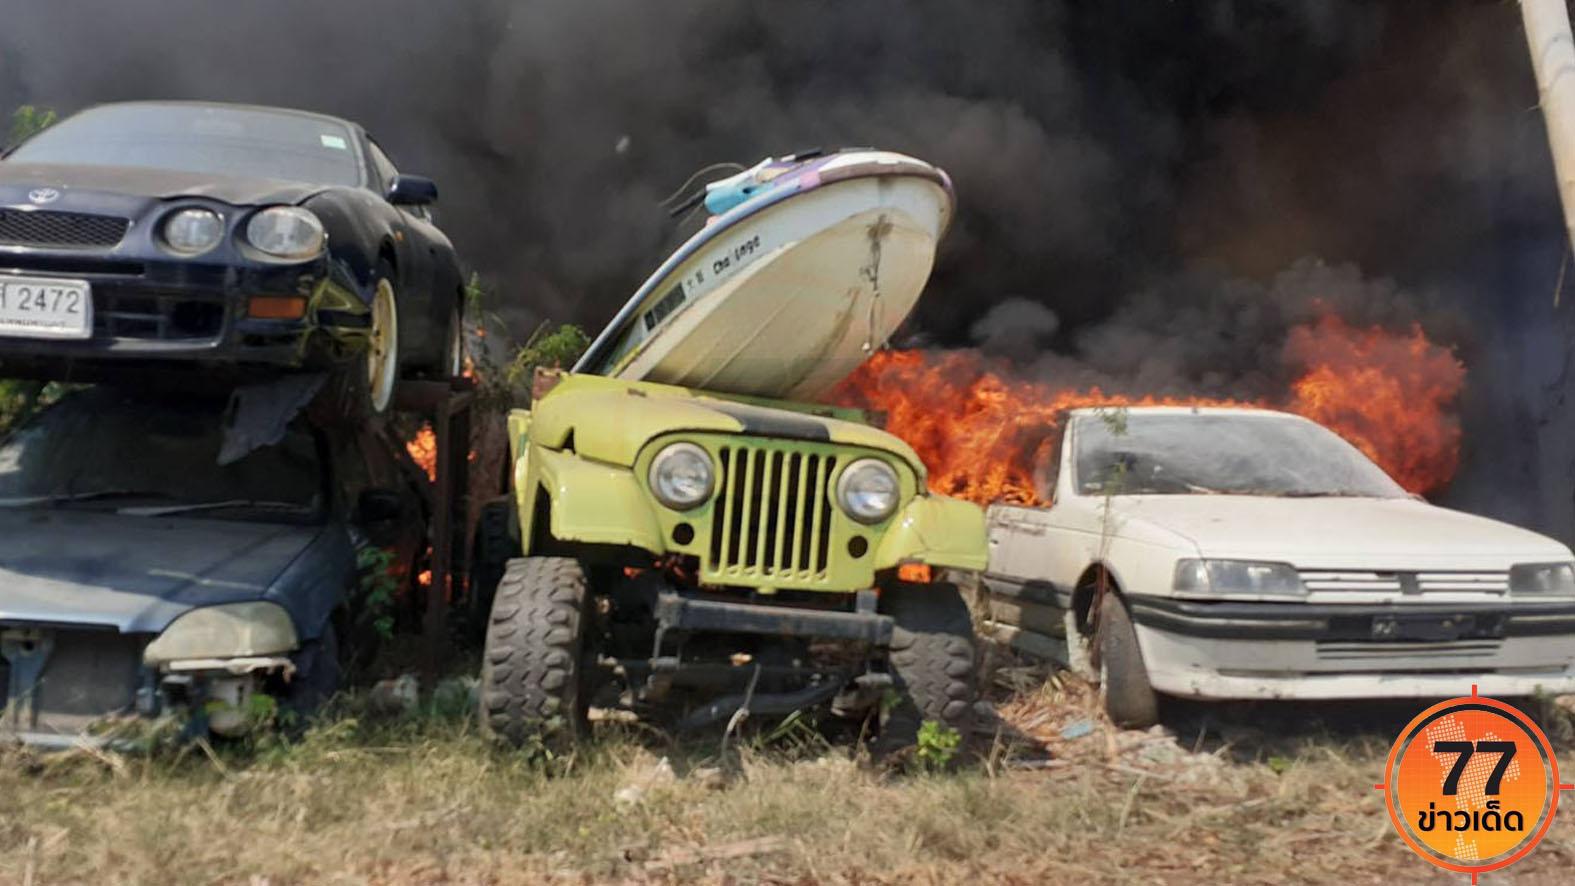 ไฟไหม้ป่าหญ้าลามไปลุกไหม้ซากรถยนต์และเรือสกู๊ตเตอร์